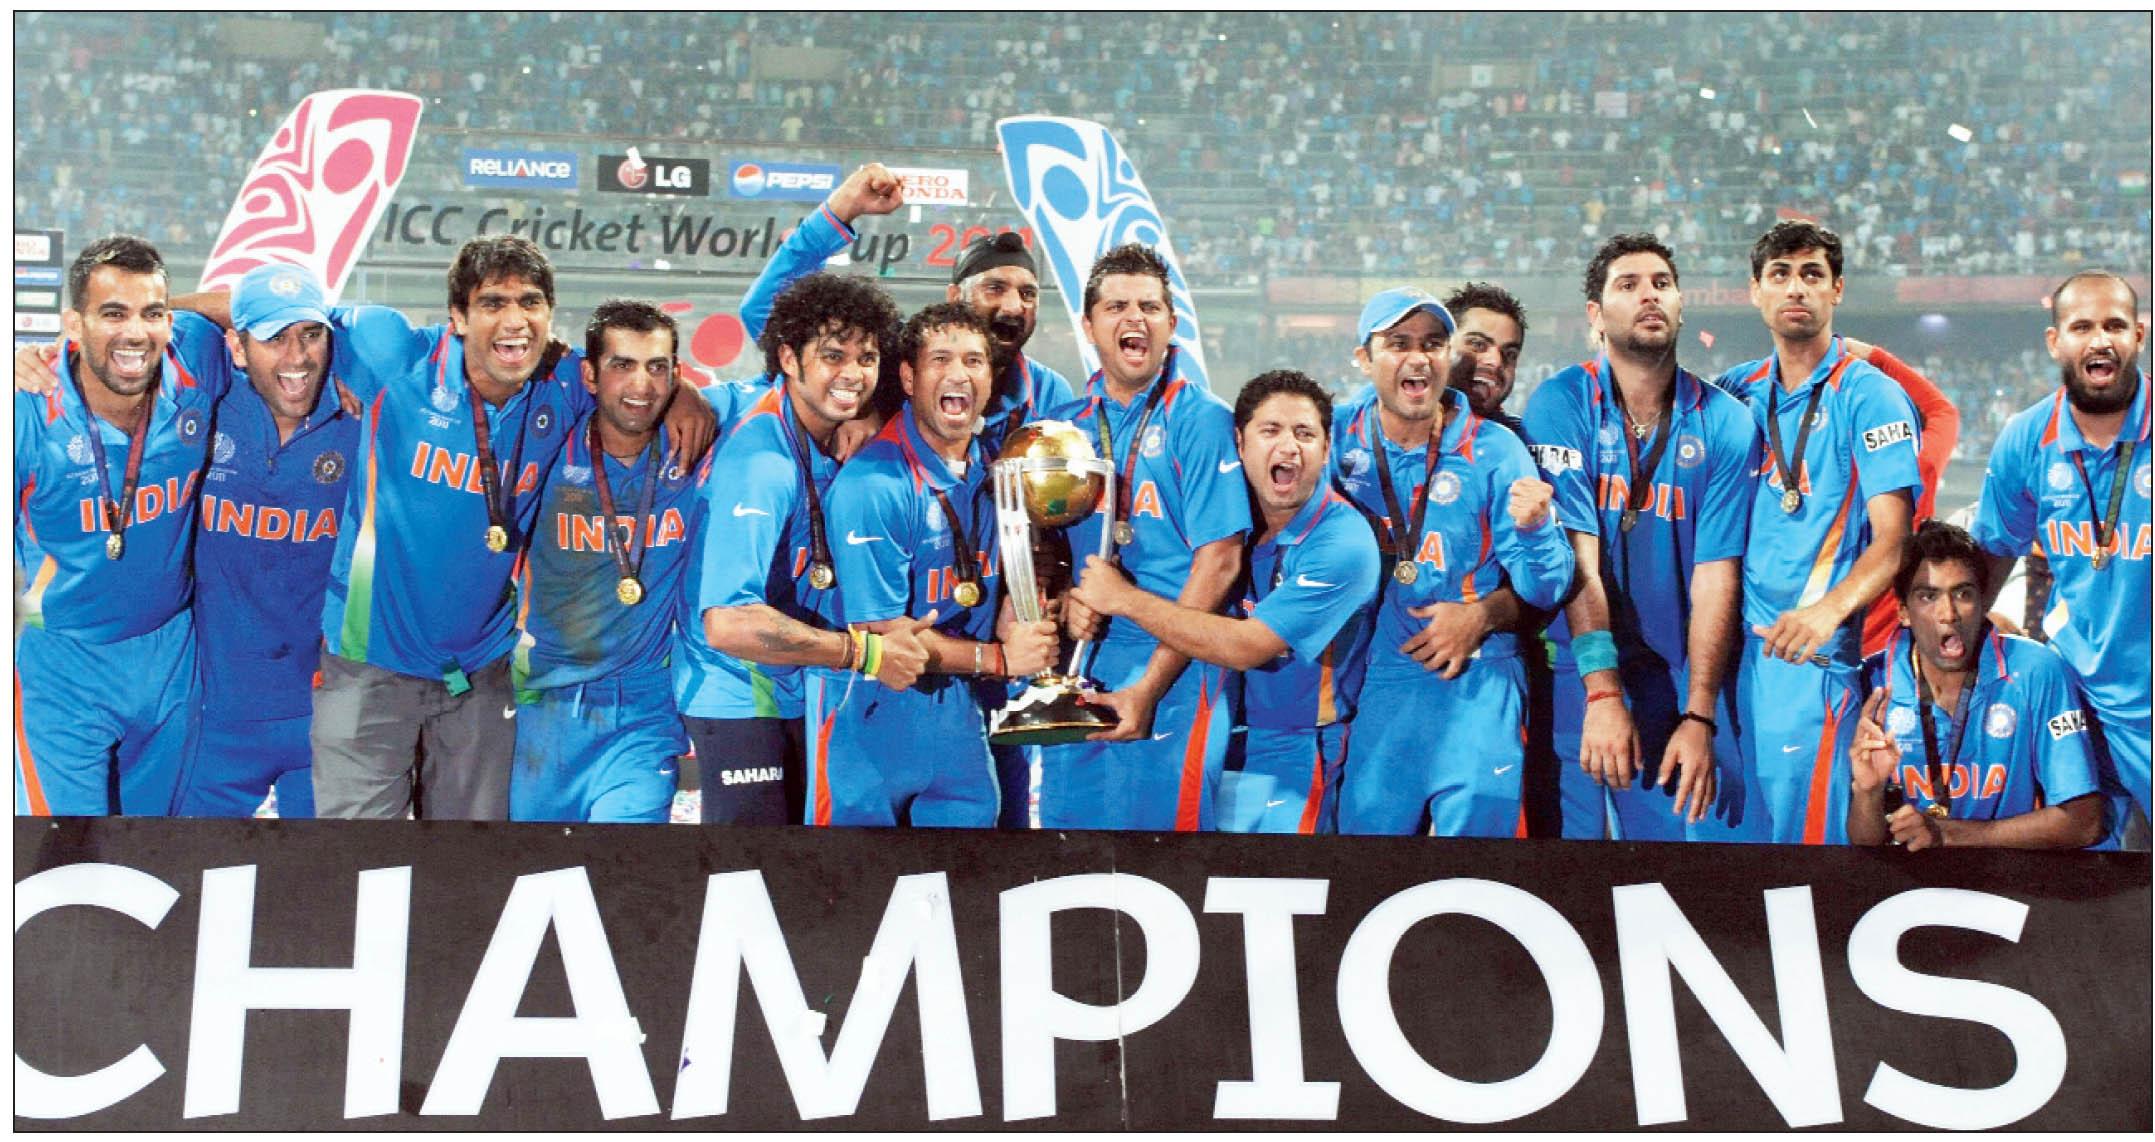 बड़ी खबर: आईसीसी विश्वकप के साथ भारत को मिली चैम्पियन्स ट्राफी की मेजबानी, इस साल खेला जायेगा ये दोनों टूर्नामेंट 33